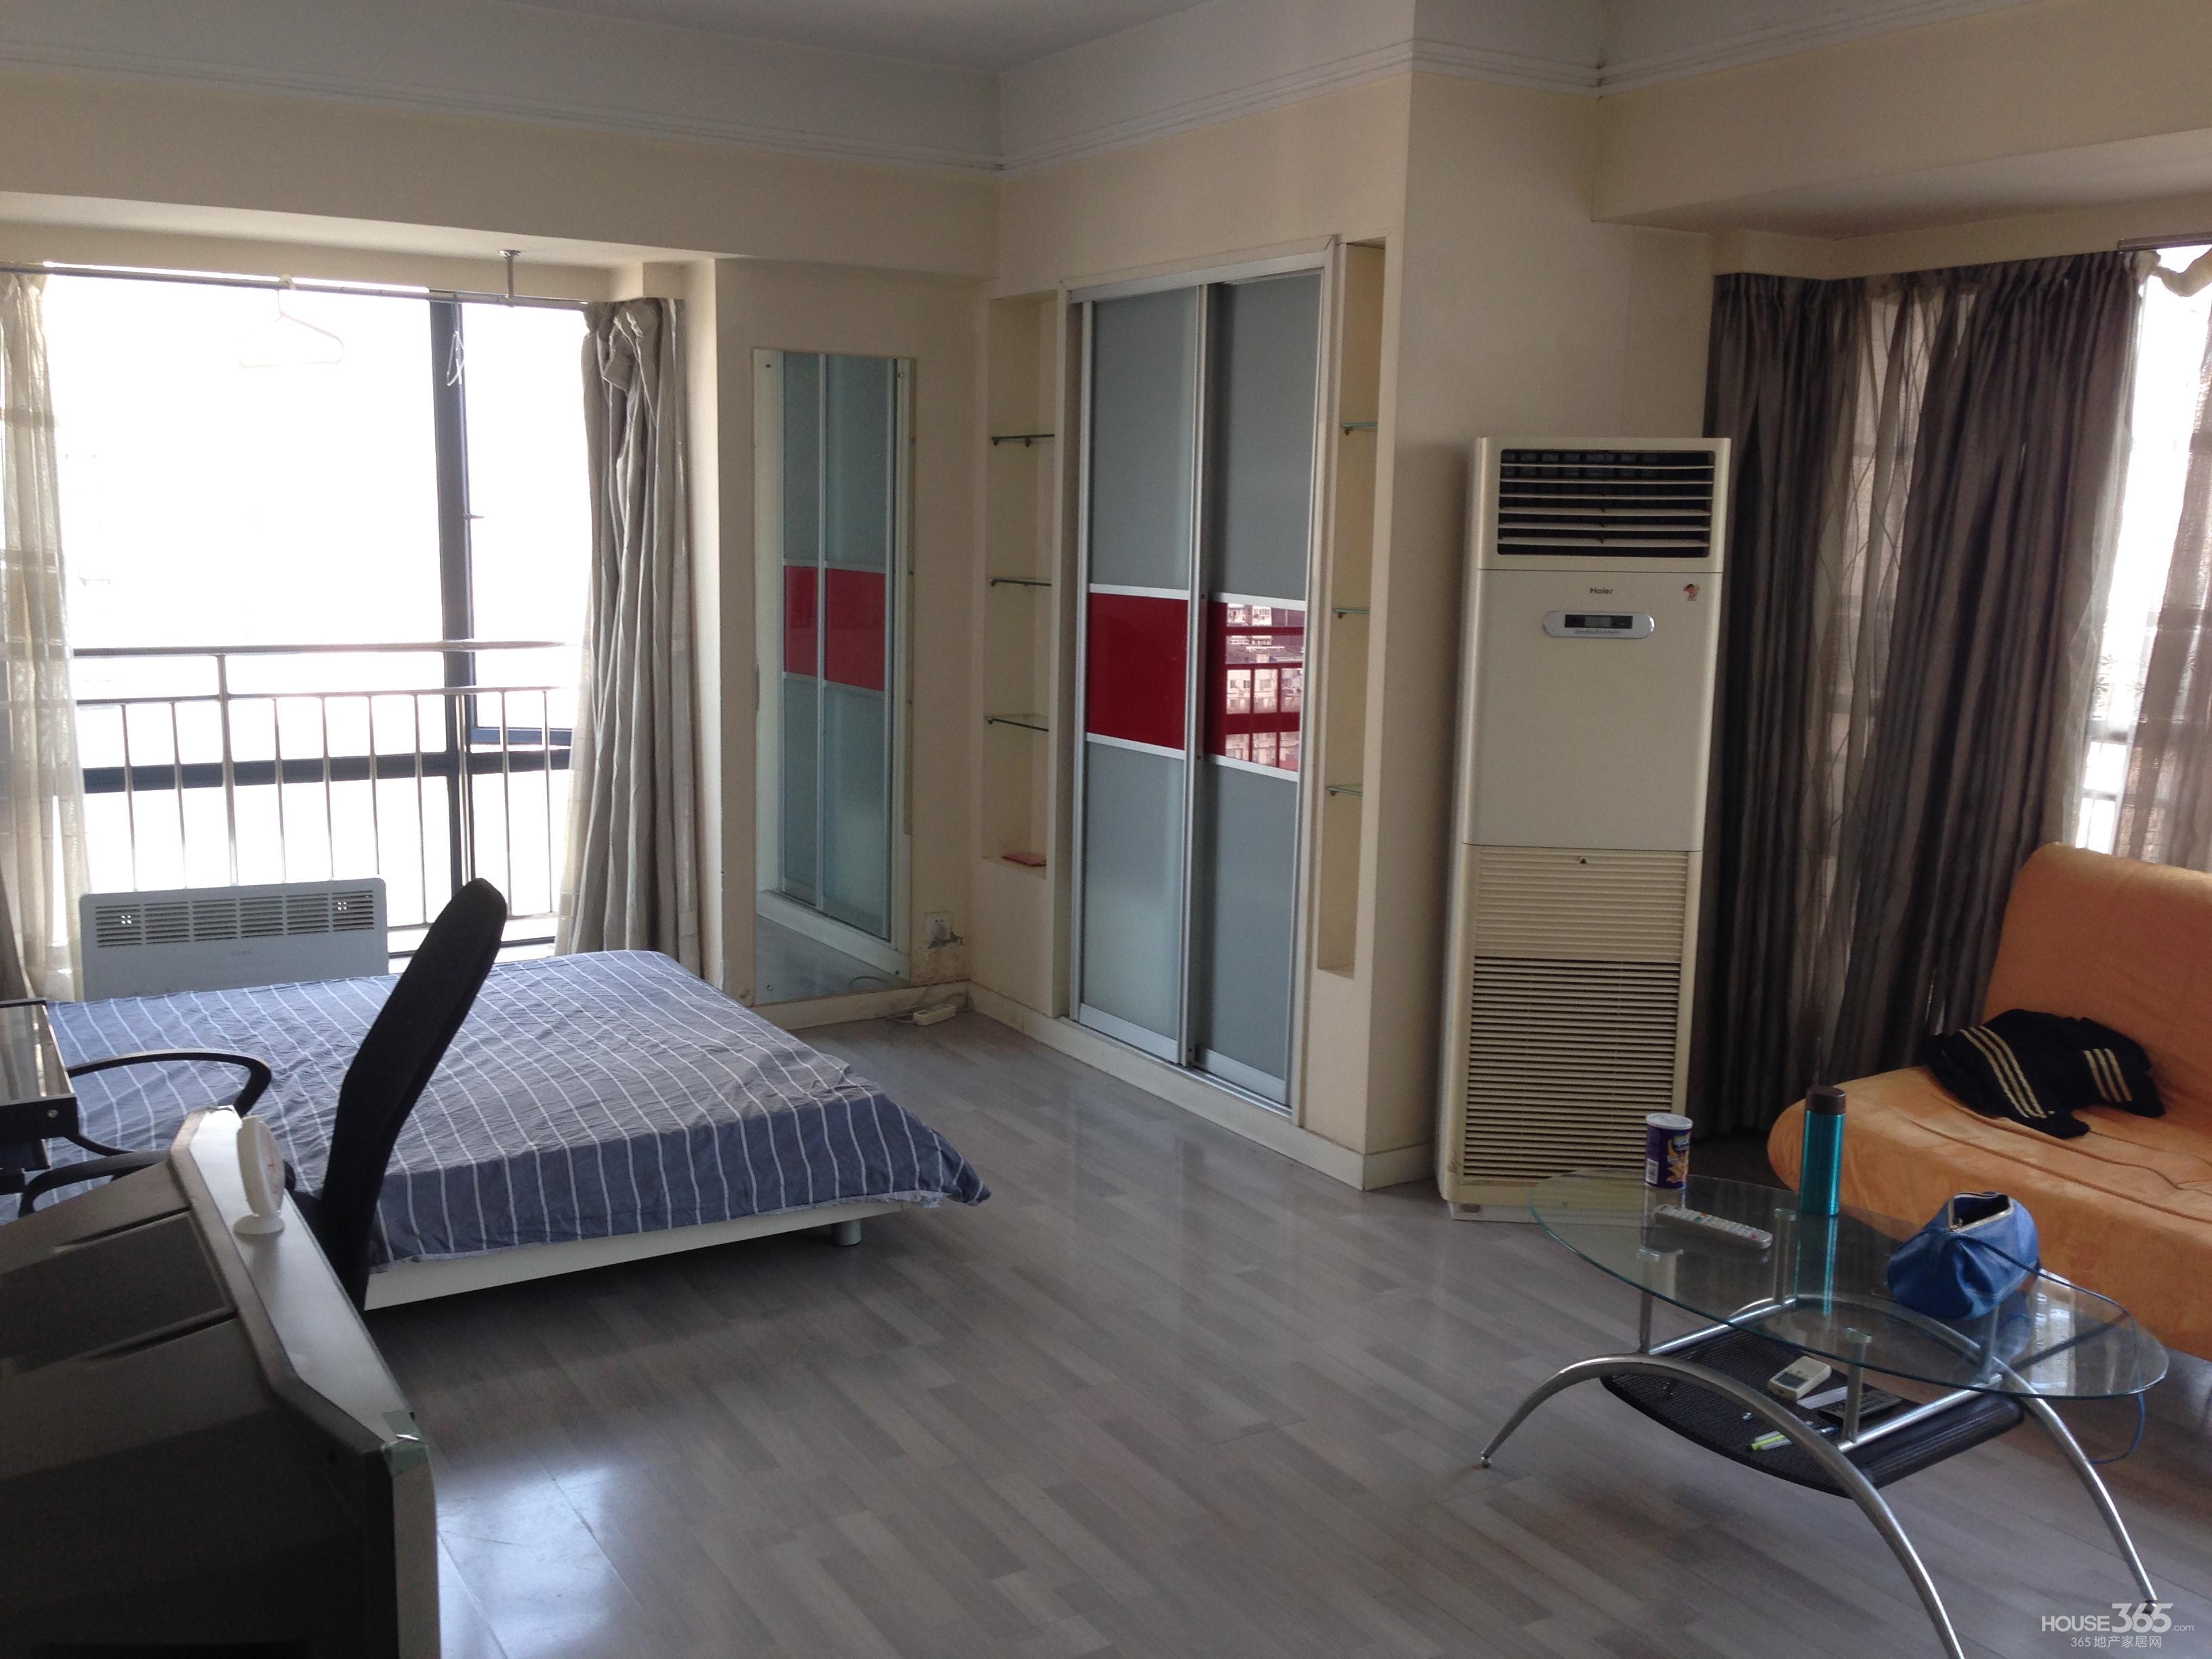 【亚东名座】 单身公寓 精装 超大落地窗